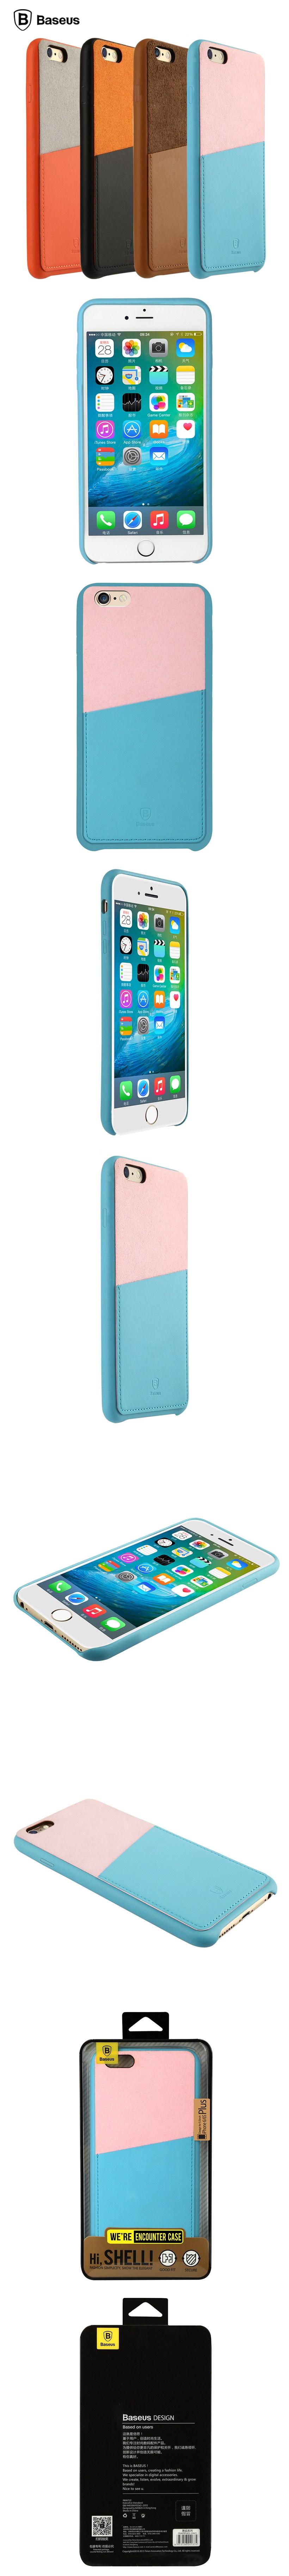 BASEUS Hybrid Color Card Slot Case For iPhone 6 Plus & 6S Plus